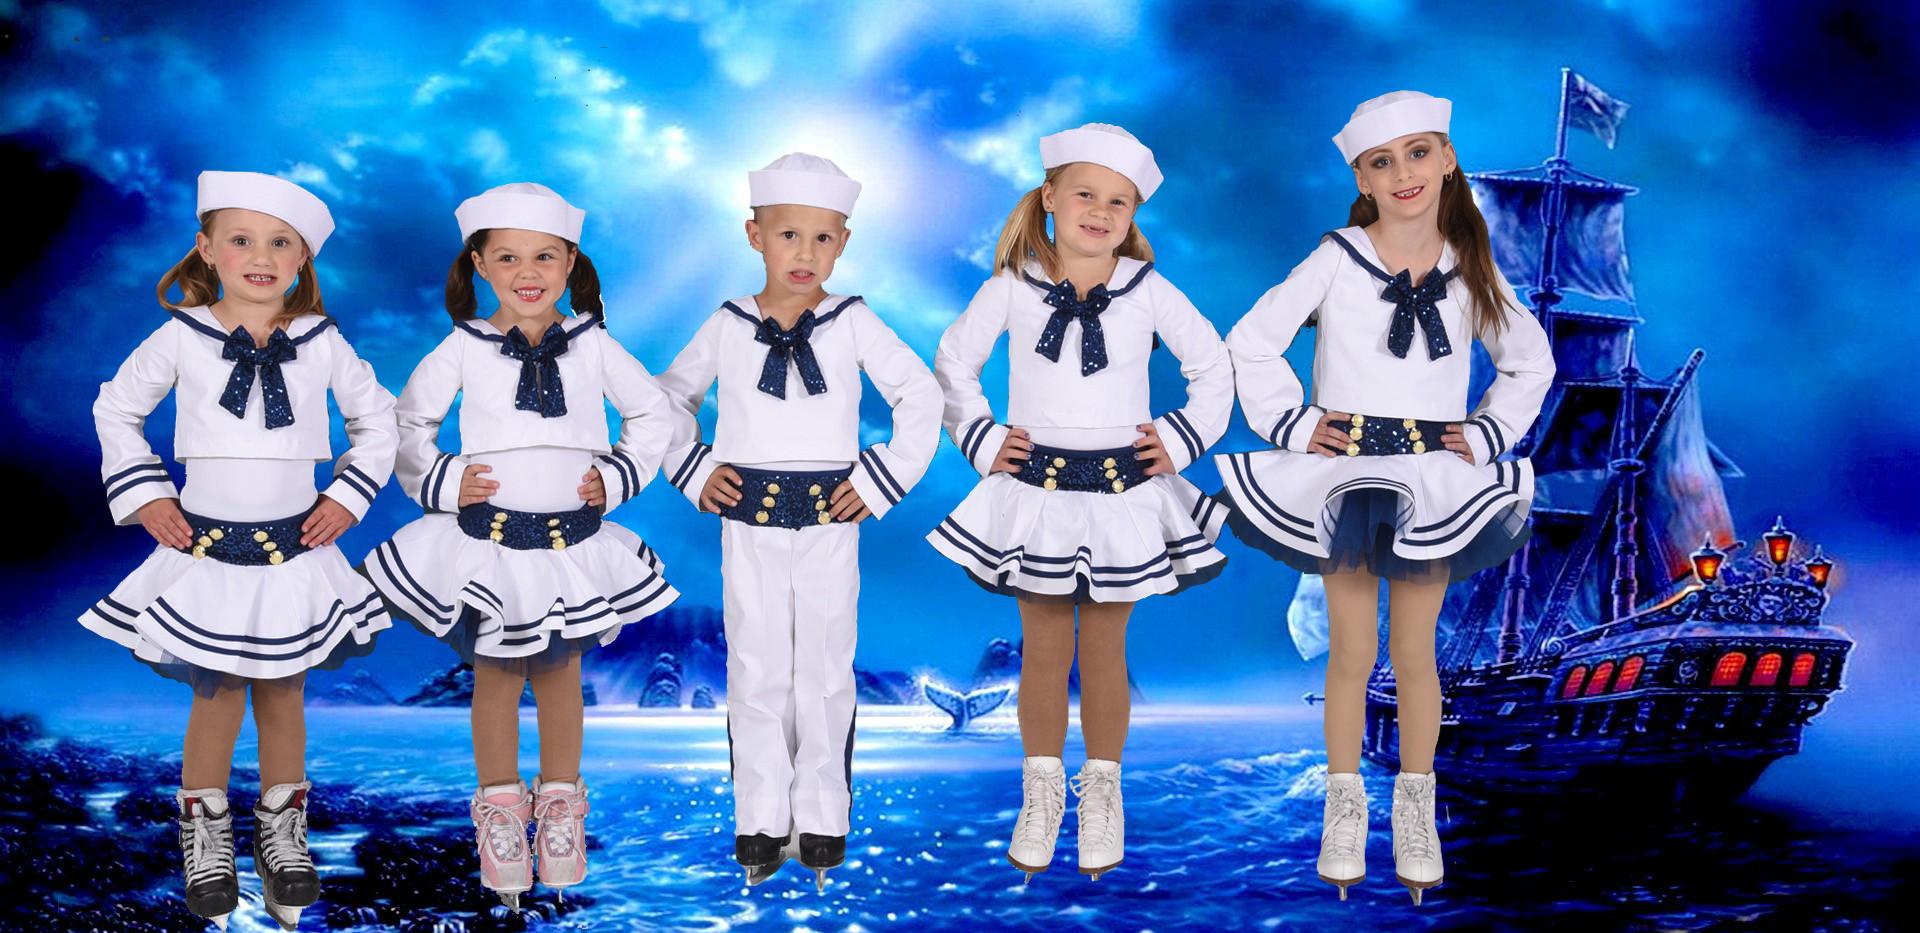 Navy Group_Final.jpg